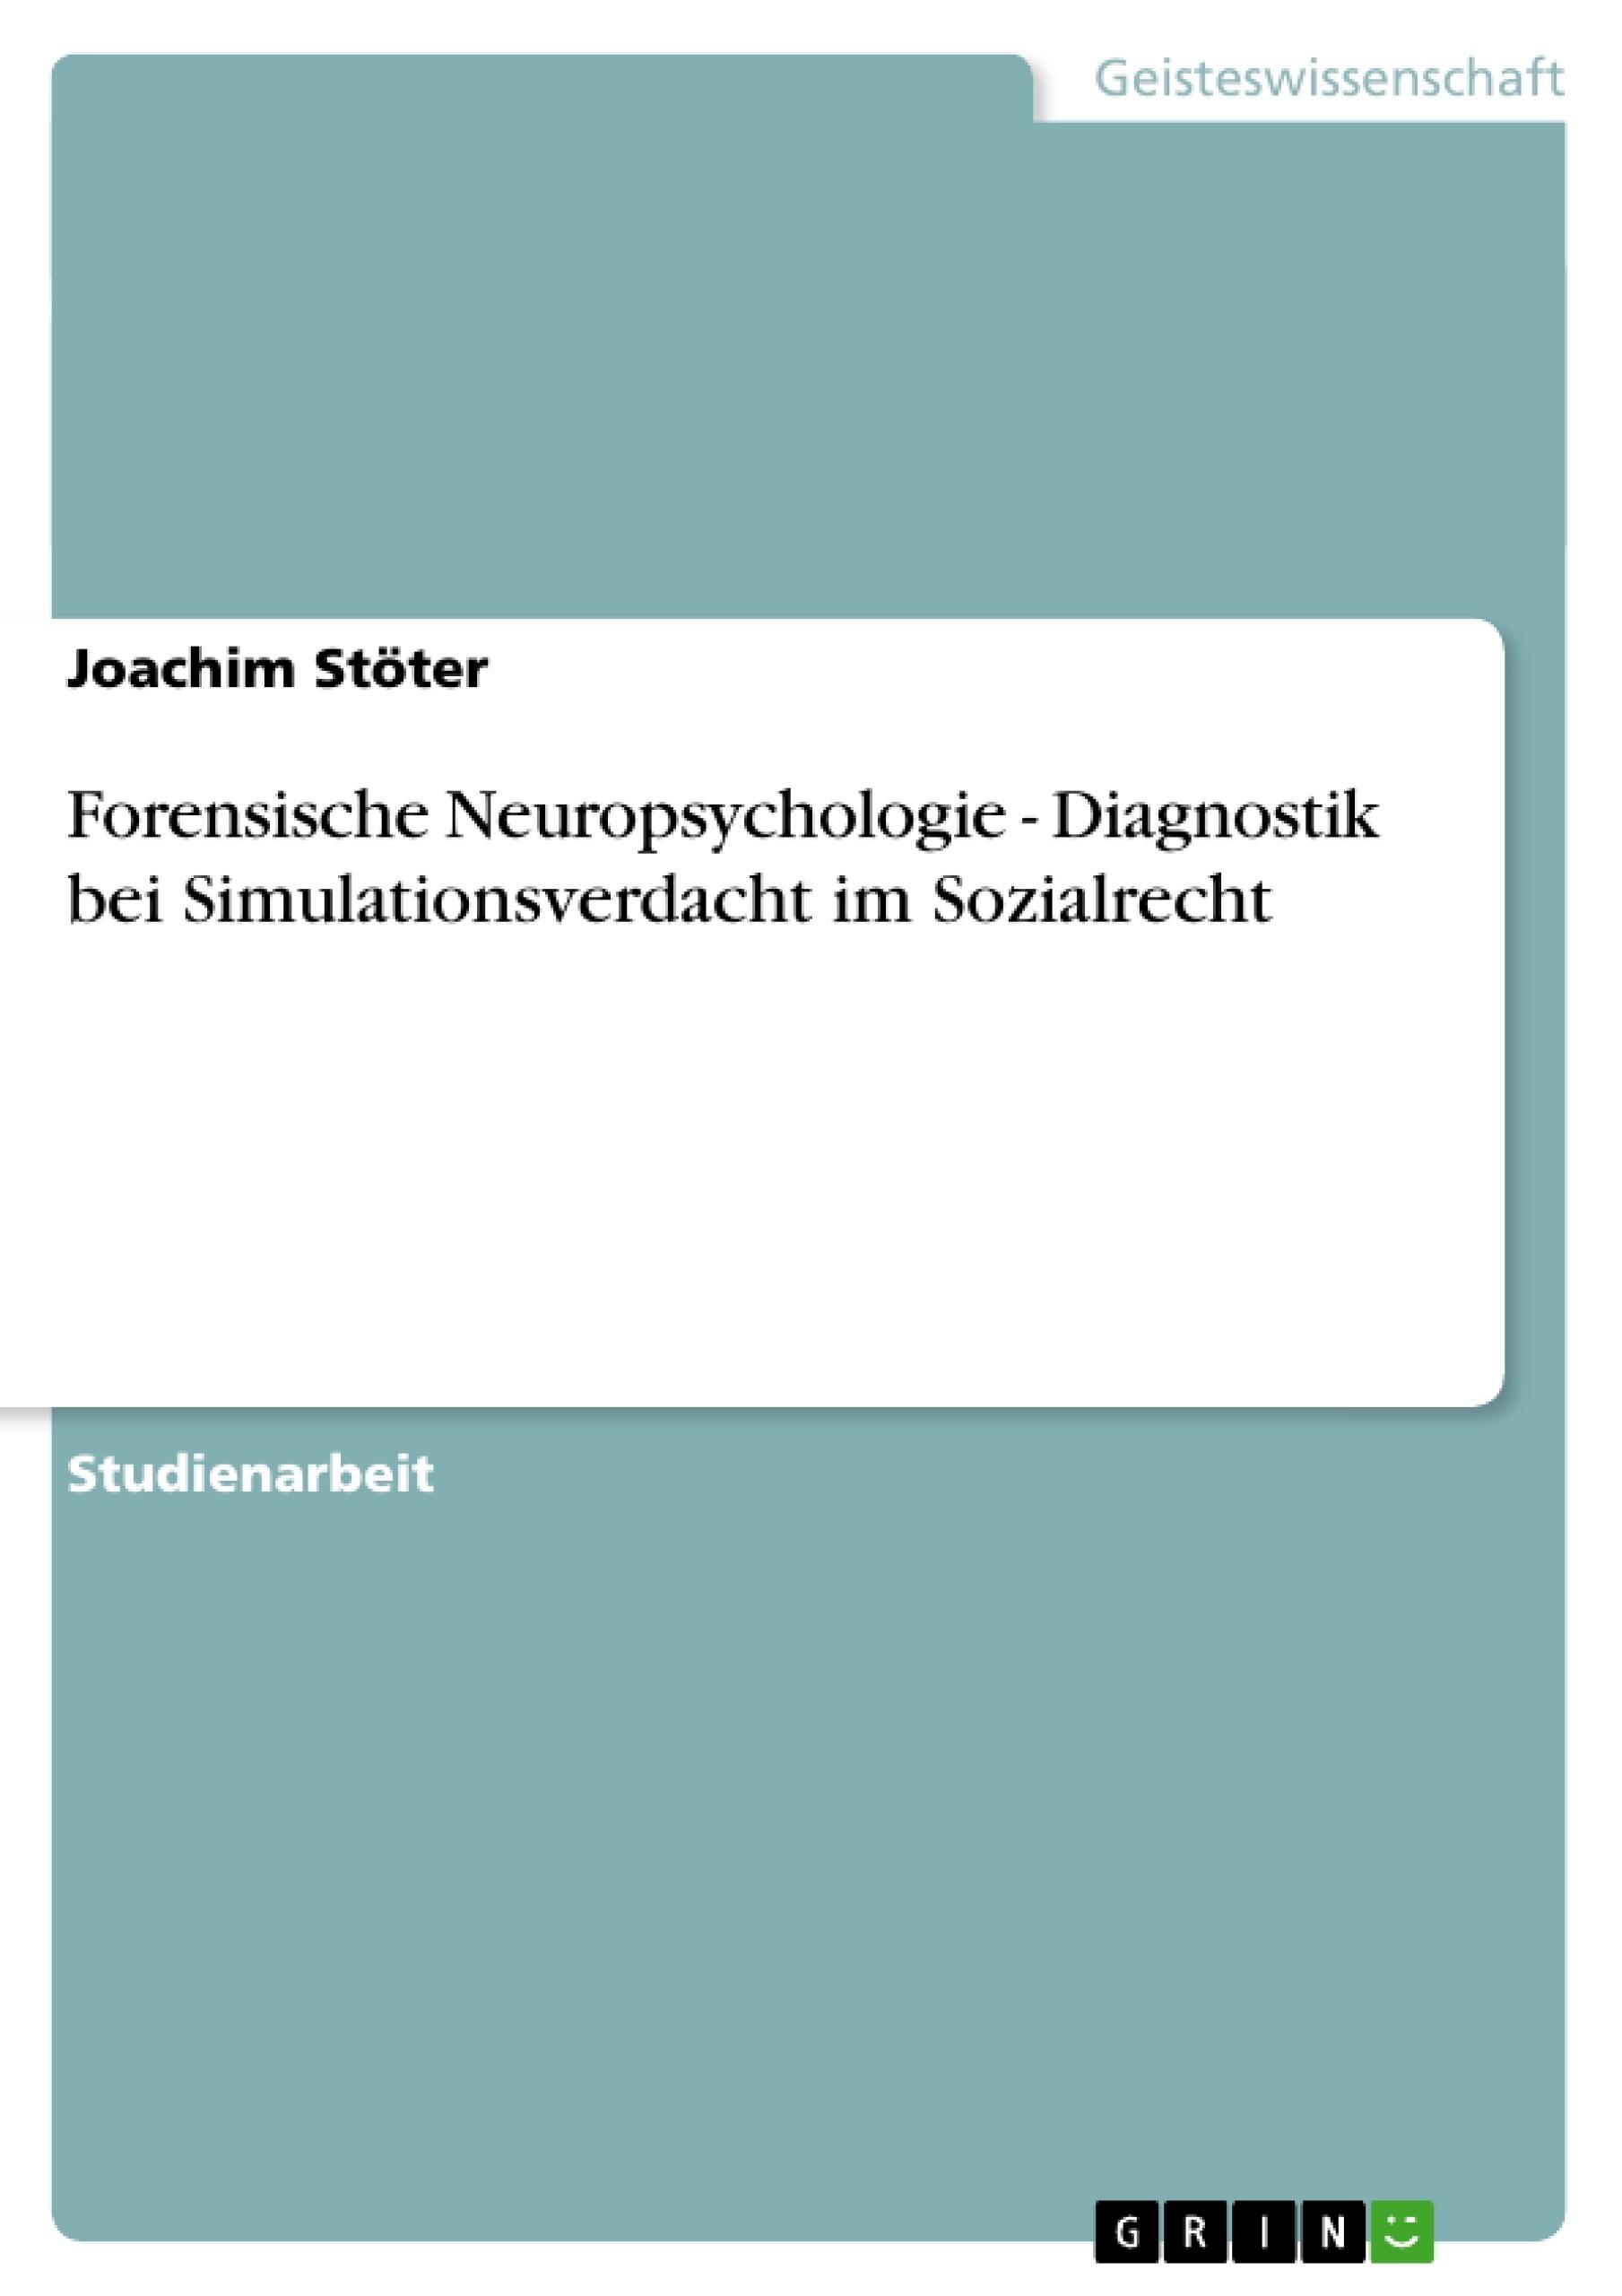 Titel: Forensische Neuropsychologie - Diagnostik bei Simulationsverdacht im Sozialrecht